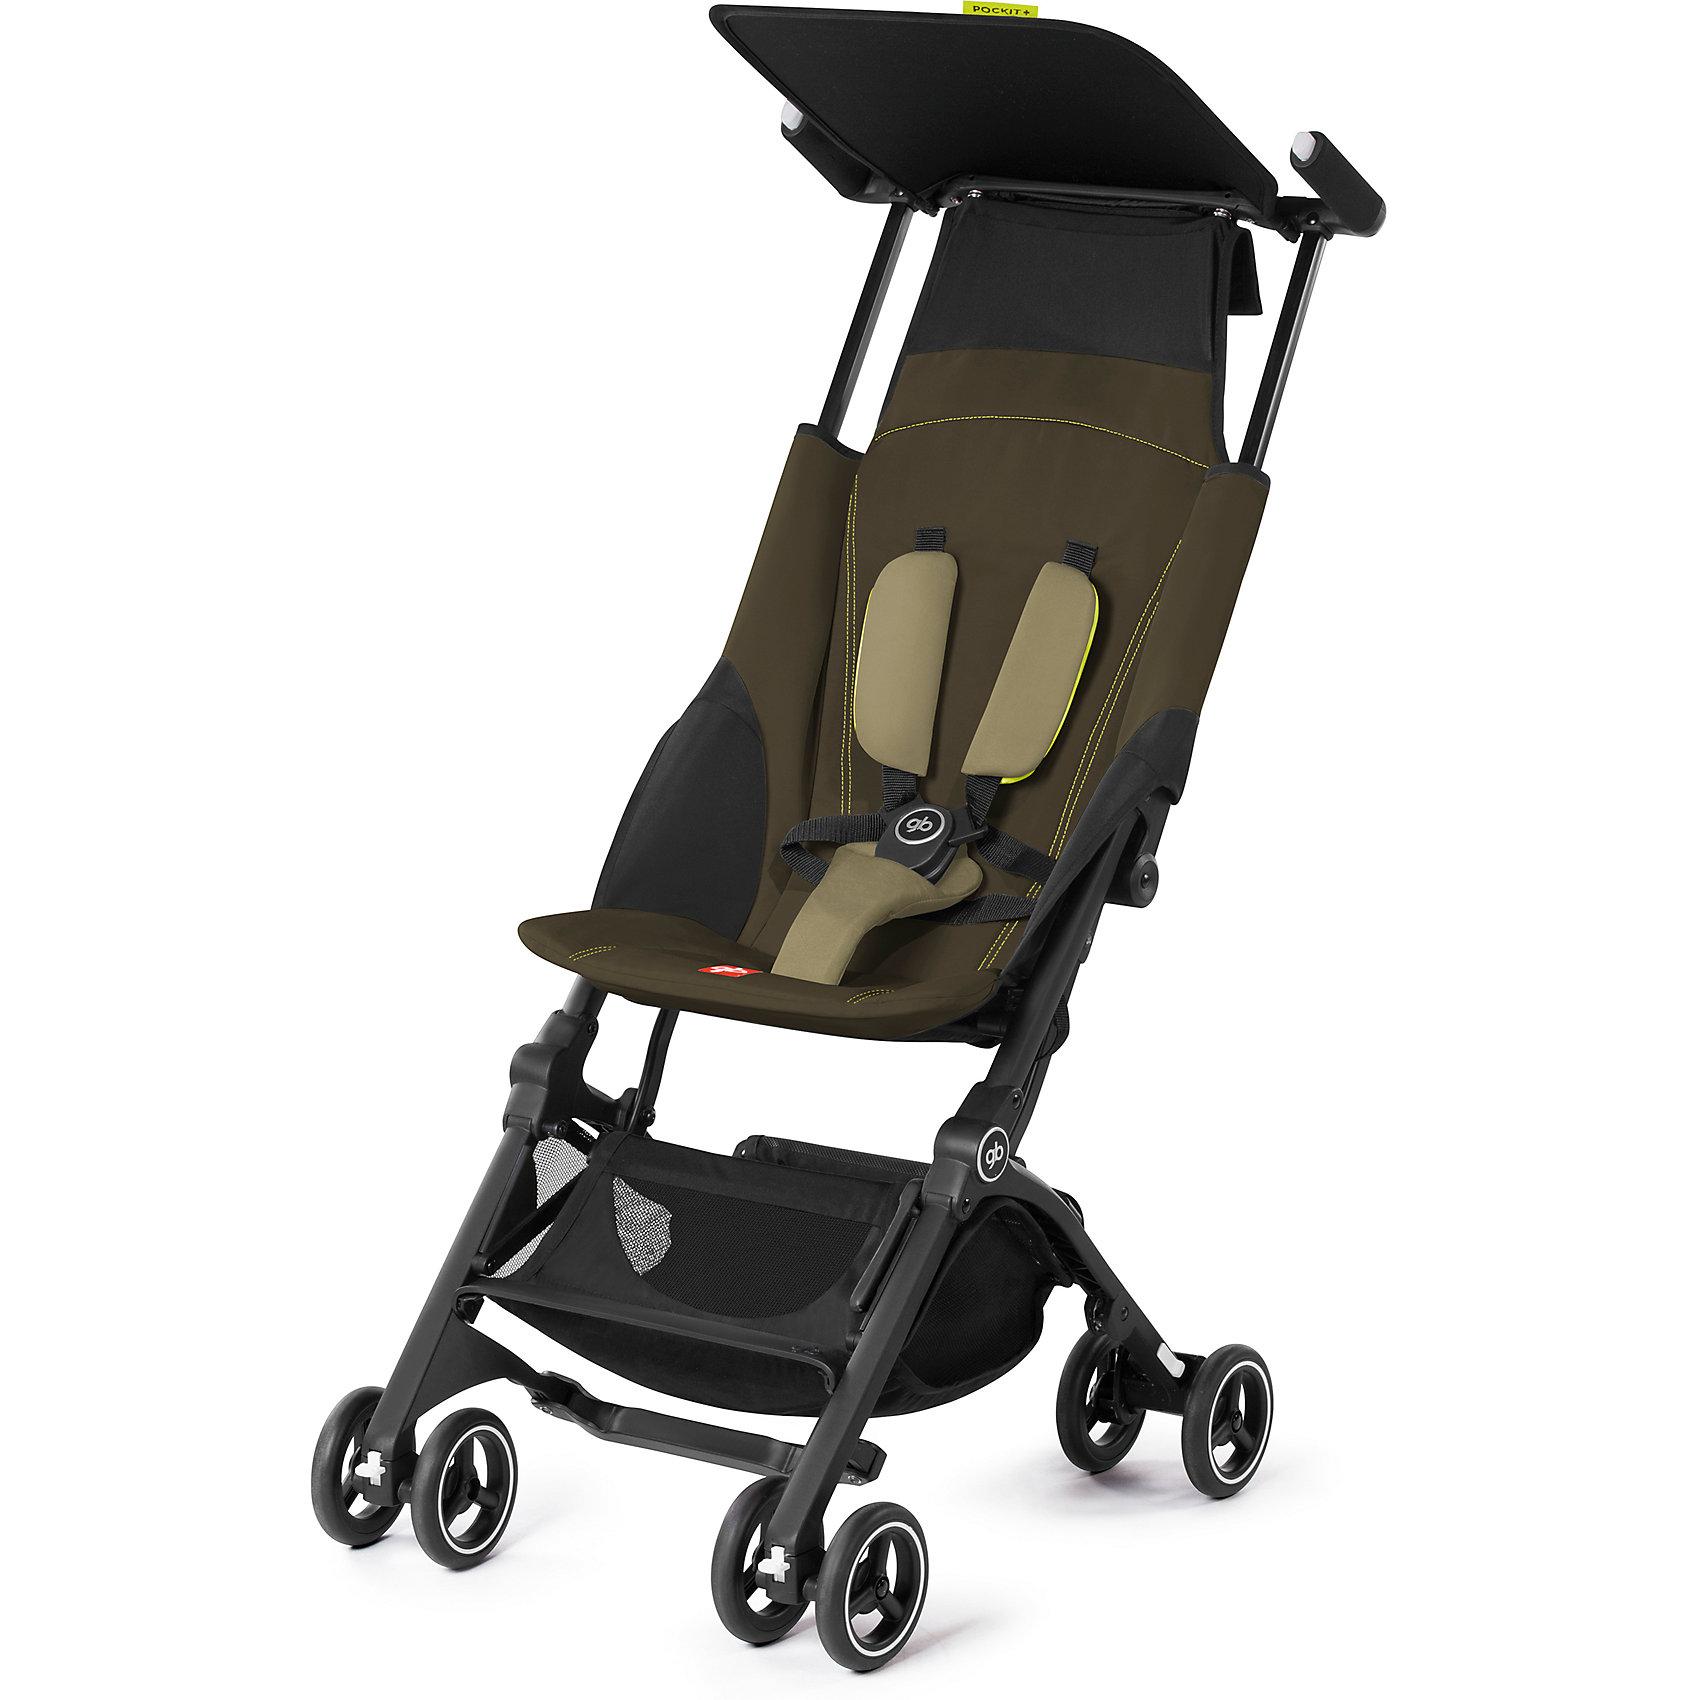 Прогулочная коляска GB pockit, Lizard KhakiПрогулочные коляски<br>Характеристики коляски GB Pockit<br><br>Прогулочный блок:<br><br>• 5-ти точечные ремни безопасности с мягкими съемными накладками на кпопках;<br>• навесной козырек, полностью убирается за спинку коляски;<br>• съемный для стирки чехол прогулочного блока;<br>• материал: пластик, полиэстер.<br><br>Рама коляски:<br><br>• сдвоенные колеса: передние поворотные с блокировкой, задние оснащены тормозом;<br>• имеется корзина для покупок, объем 8 л;<br>• компактное складывание с защитой от раскладывания;<br>• 2 способа складывания;<br>• механизм складывания: книжка, колеса обращены друг к другу;<br>• материал: алюминий.<br><br>Допустимая нагрузка: до 17 кг<br>Размер коляски: 72х43х99 см<br>Размер коляски в сложенном виде: 30х18х35 см<br>Размер упаковки: 90х40х40 см<br>Вес коляски: 4,3 кг<br>Вес в упаковке: 6 кг<br><br>Супер компактная коляска Pockit в сложенном виде напоминает женскую сумку. Колеса направлены внутрь, коляска в сложенном виде фиксируется с помощью специального механизма. Прогулочный блок оснащен ремнями безопасности, которые снабжены съемными плечевыми накладками. Козырек от солнца можно полностью убрать за спинку коляски. Корзина используется для транспортировки детских игрушек или немногочисленных покупок. <br><br>Прогулочную коляску pockit, GB, Lizard Khaki можно купить в нашем интернет-магазине.<br><br>Ширина мм: 900<br>Глубина мм: 400<br>Высота мм: 400<br>Вес г: 6000<br>Возраст от месяцев: 6<br>Возраст до месяцев: 36<br>Пол: Унисекс<br>Возраст: Детский<br>SKU: 5532642